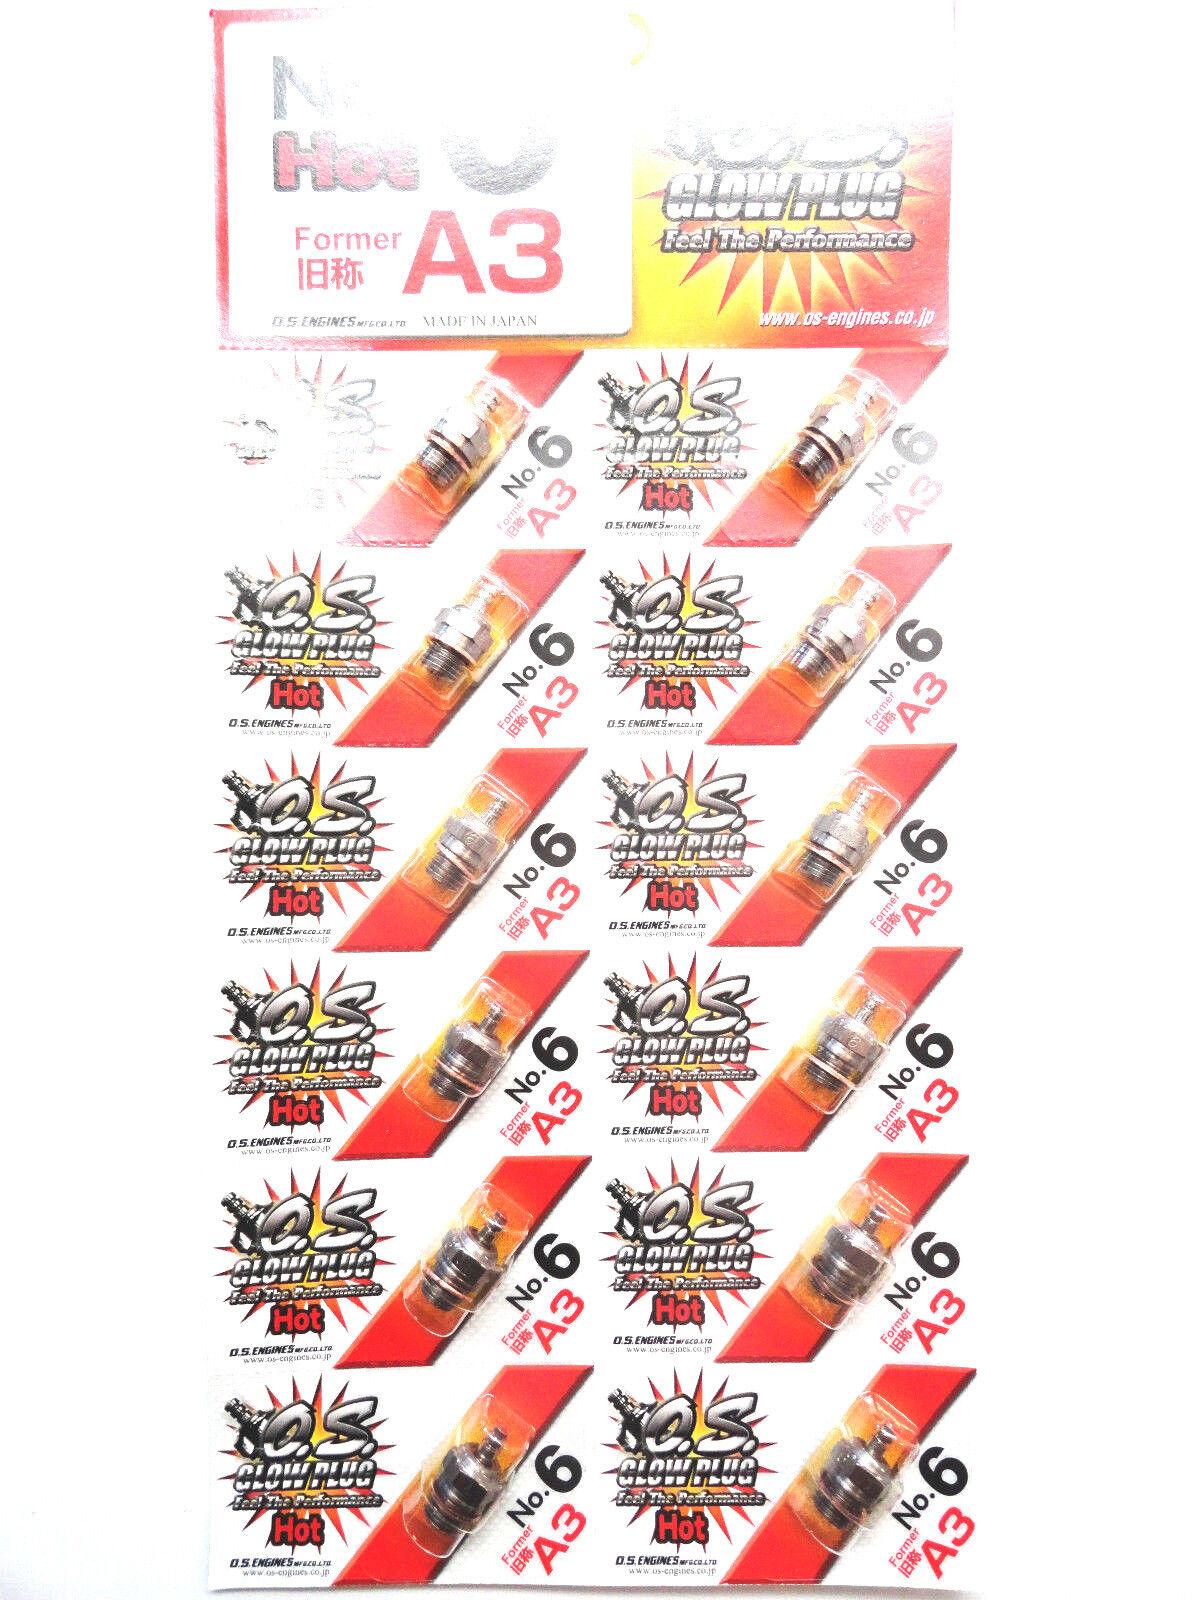 OS No.6 A3 Caliente Nitro Bujía Incandescencia - Paquete de 12 71605300